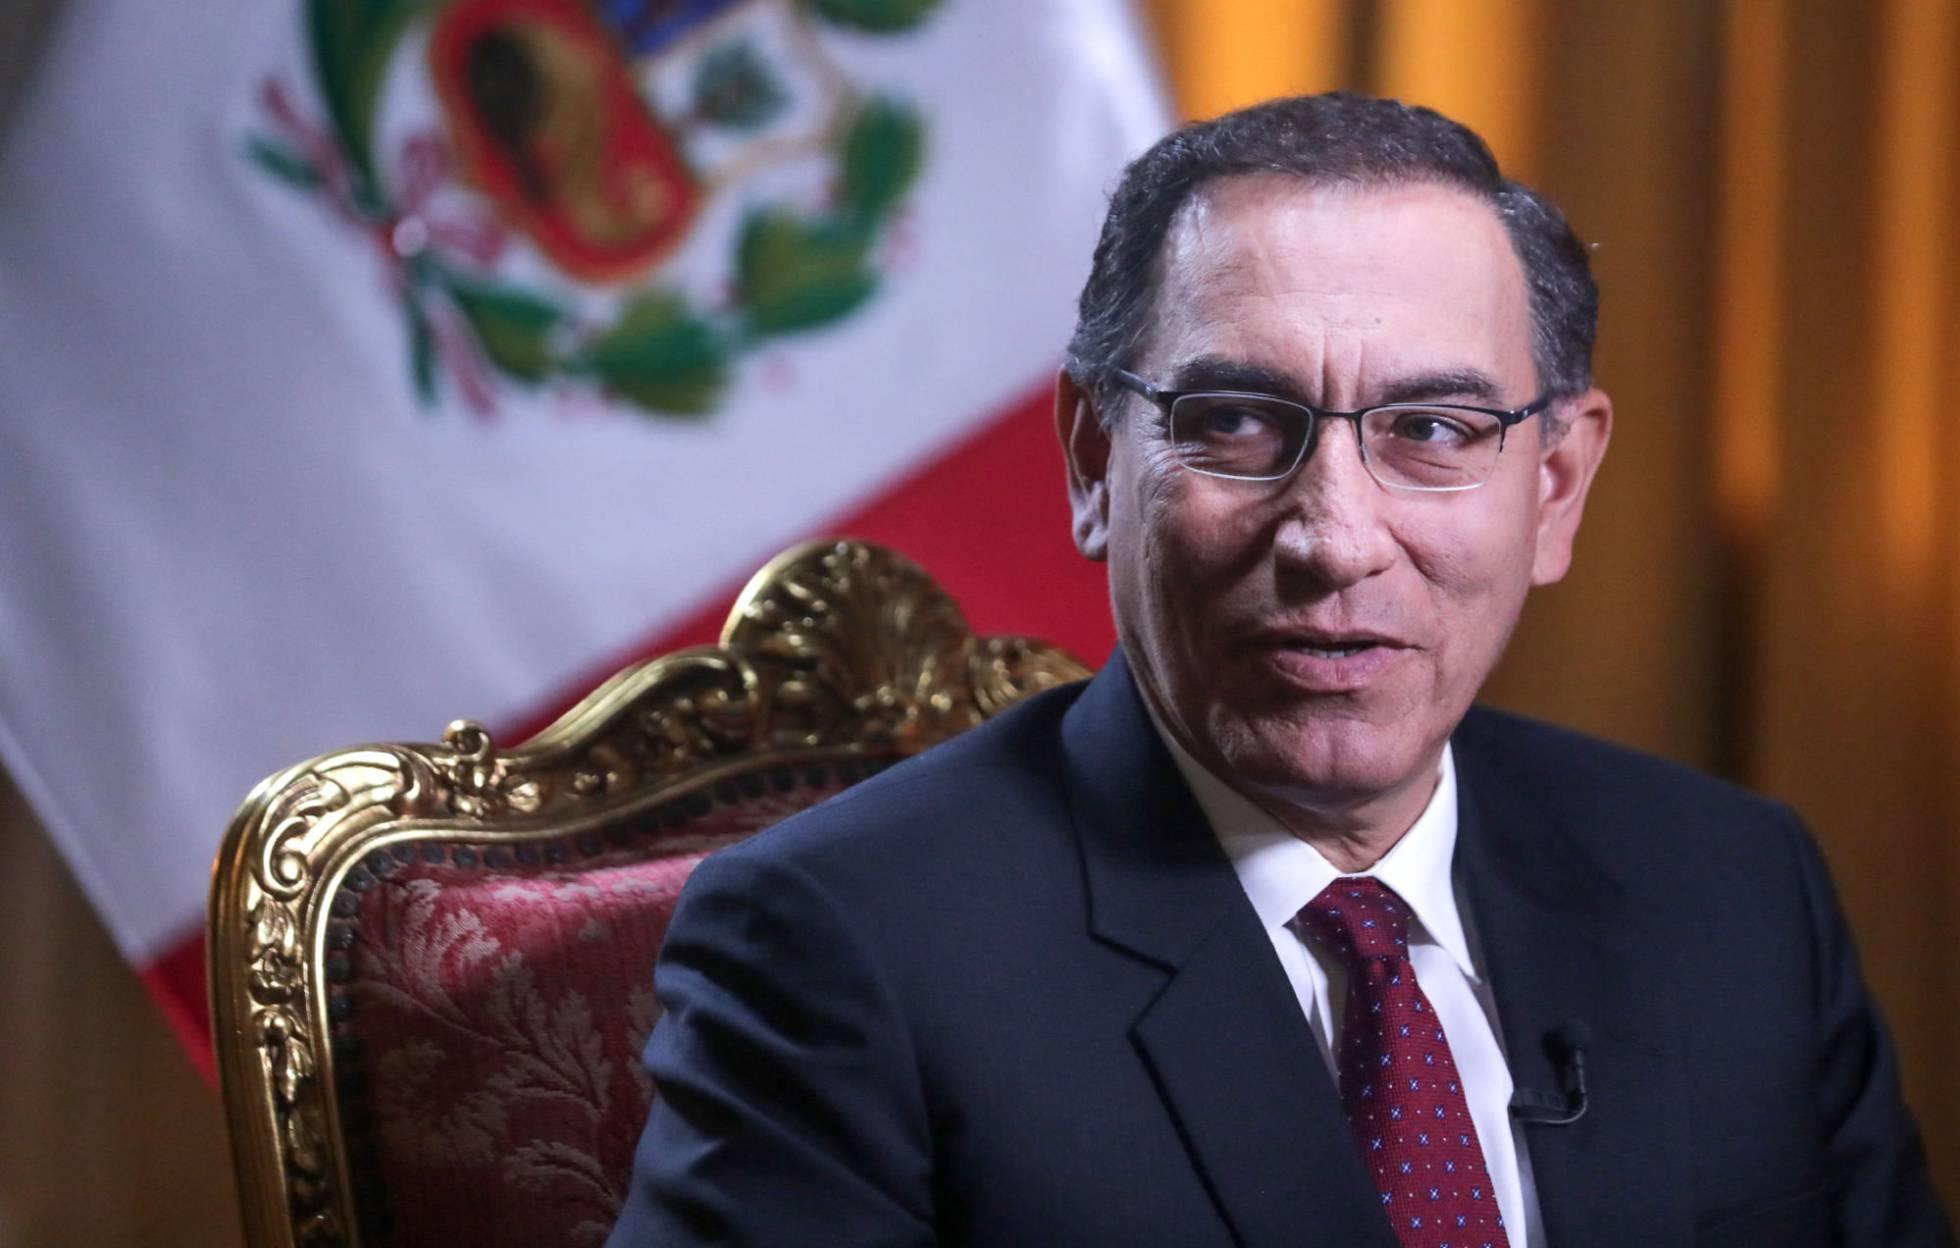 vizcarra-presiona-al-congreso-para-aprobar-las-reformas-politica-y-judicial